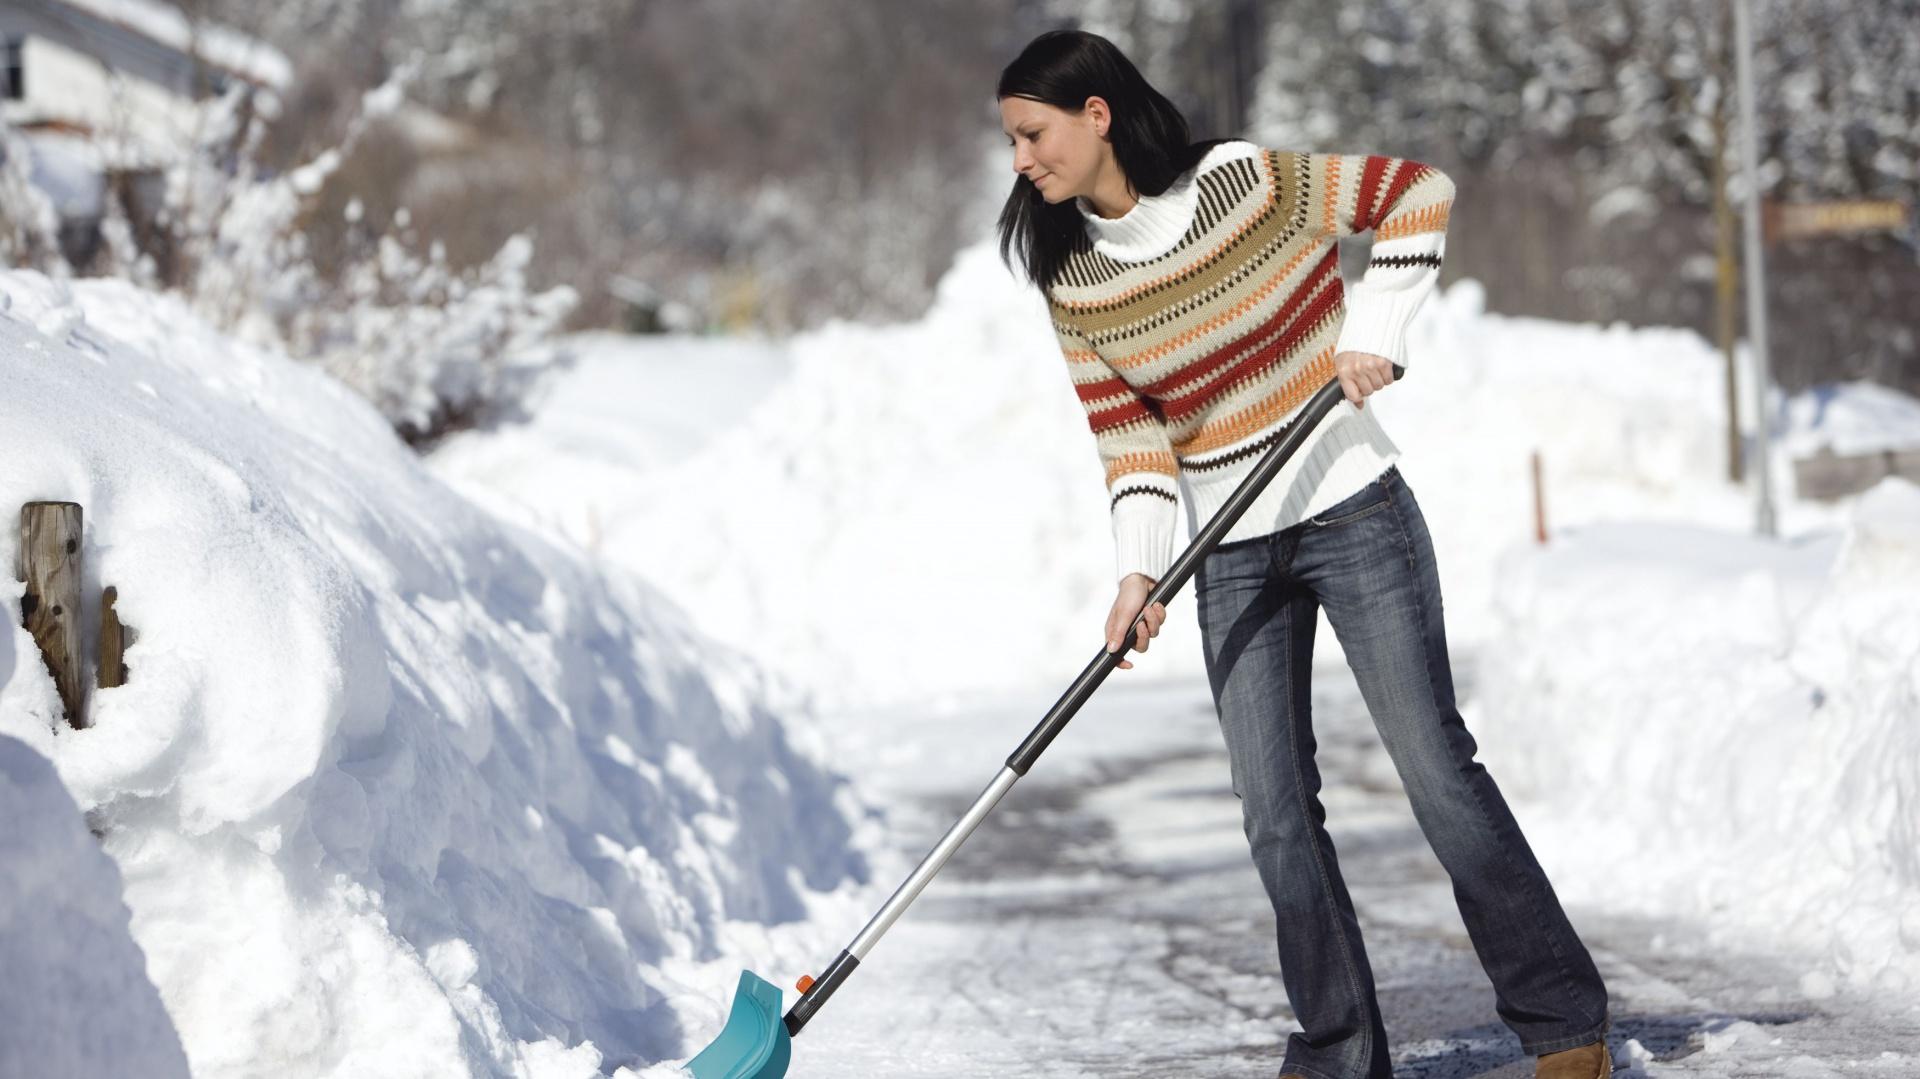 Łopata do śniegu ułatwi nam odśnieżanie podwórka. Lekka, stabilna, wykorzystana z tworzywa sztucznego doskonale sprawdzi się podczas intensywnych opadów śniegu. Fot. Gardena.